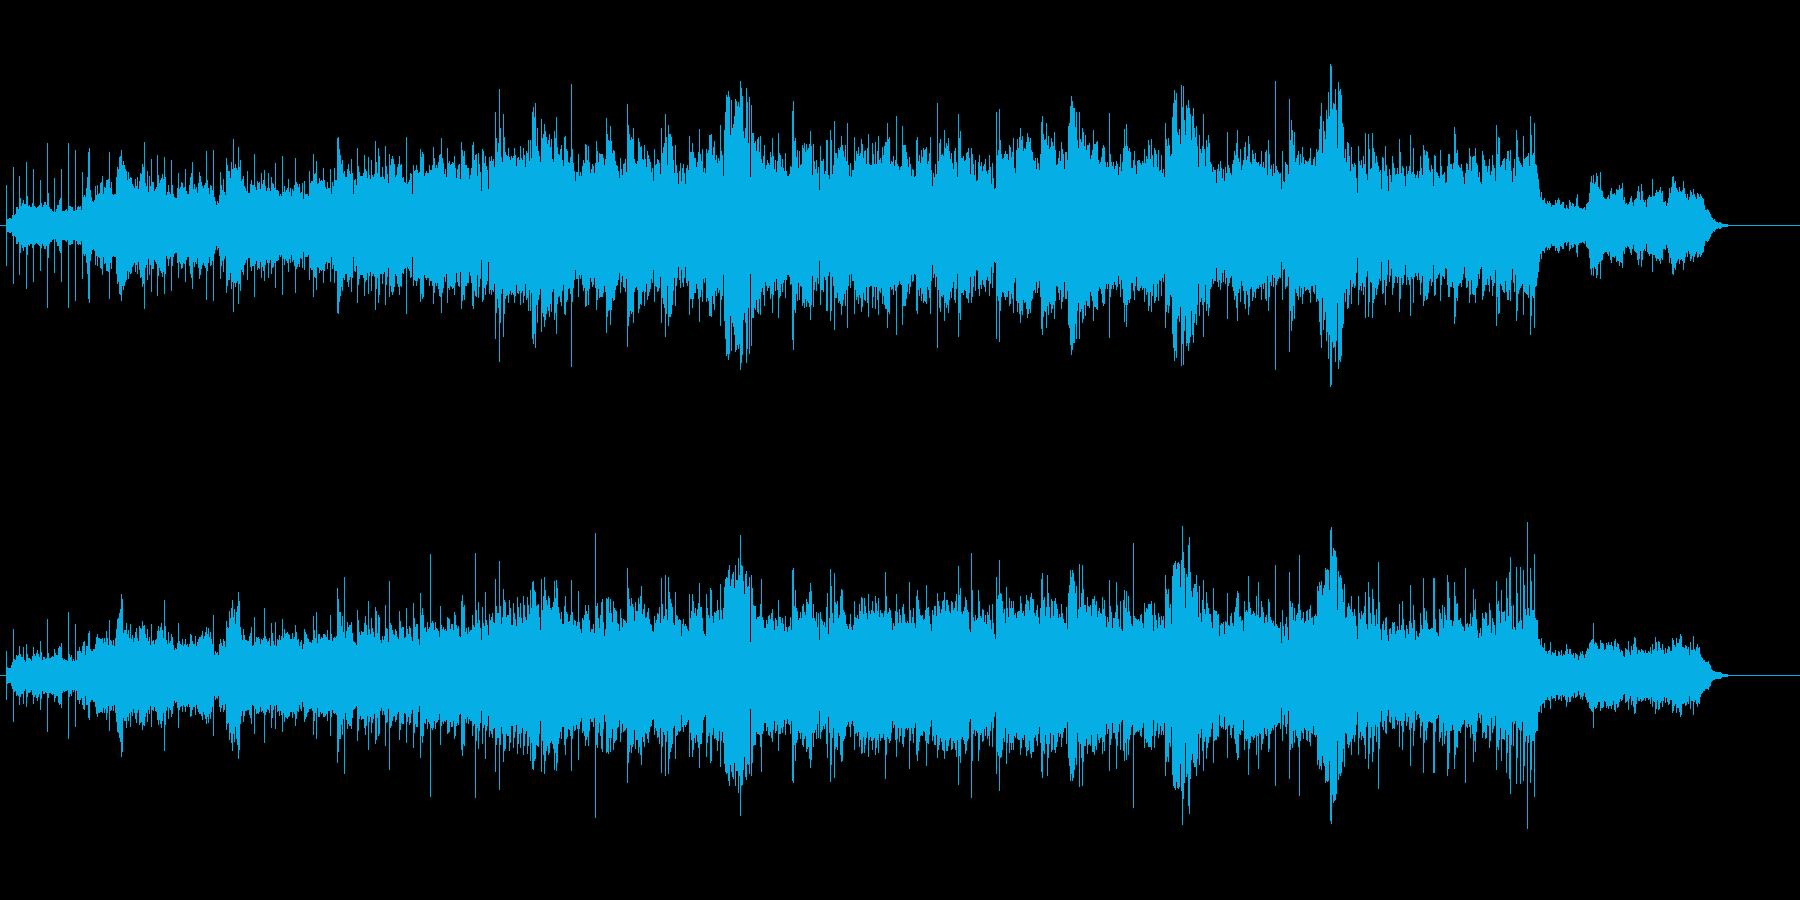 風景画像向けのシンプル・ミュージックの再生済みの波形